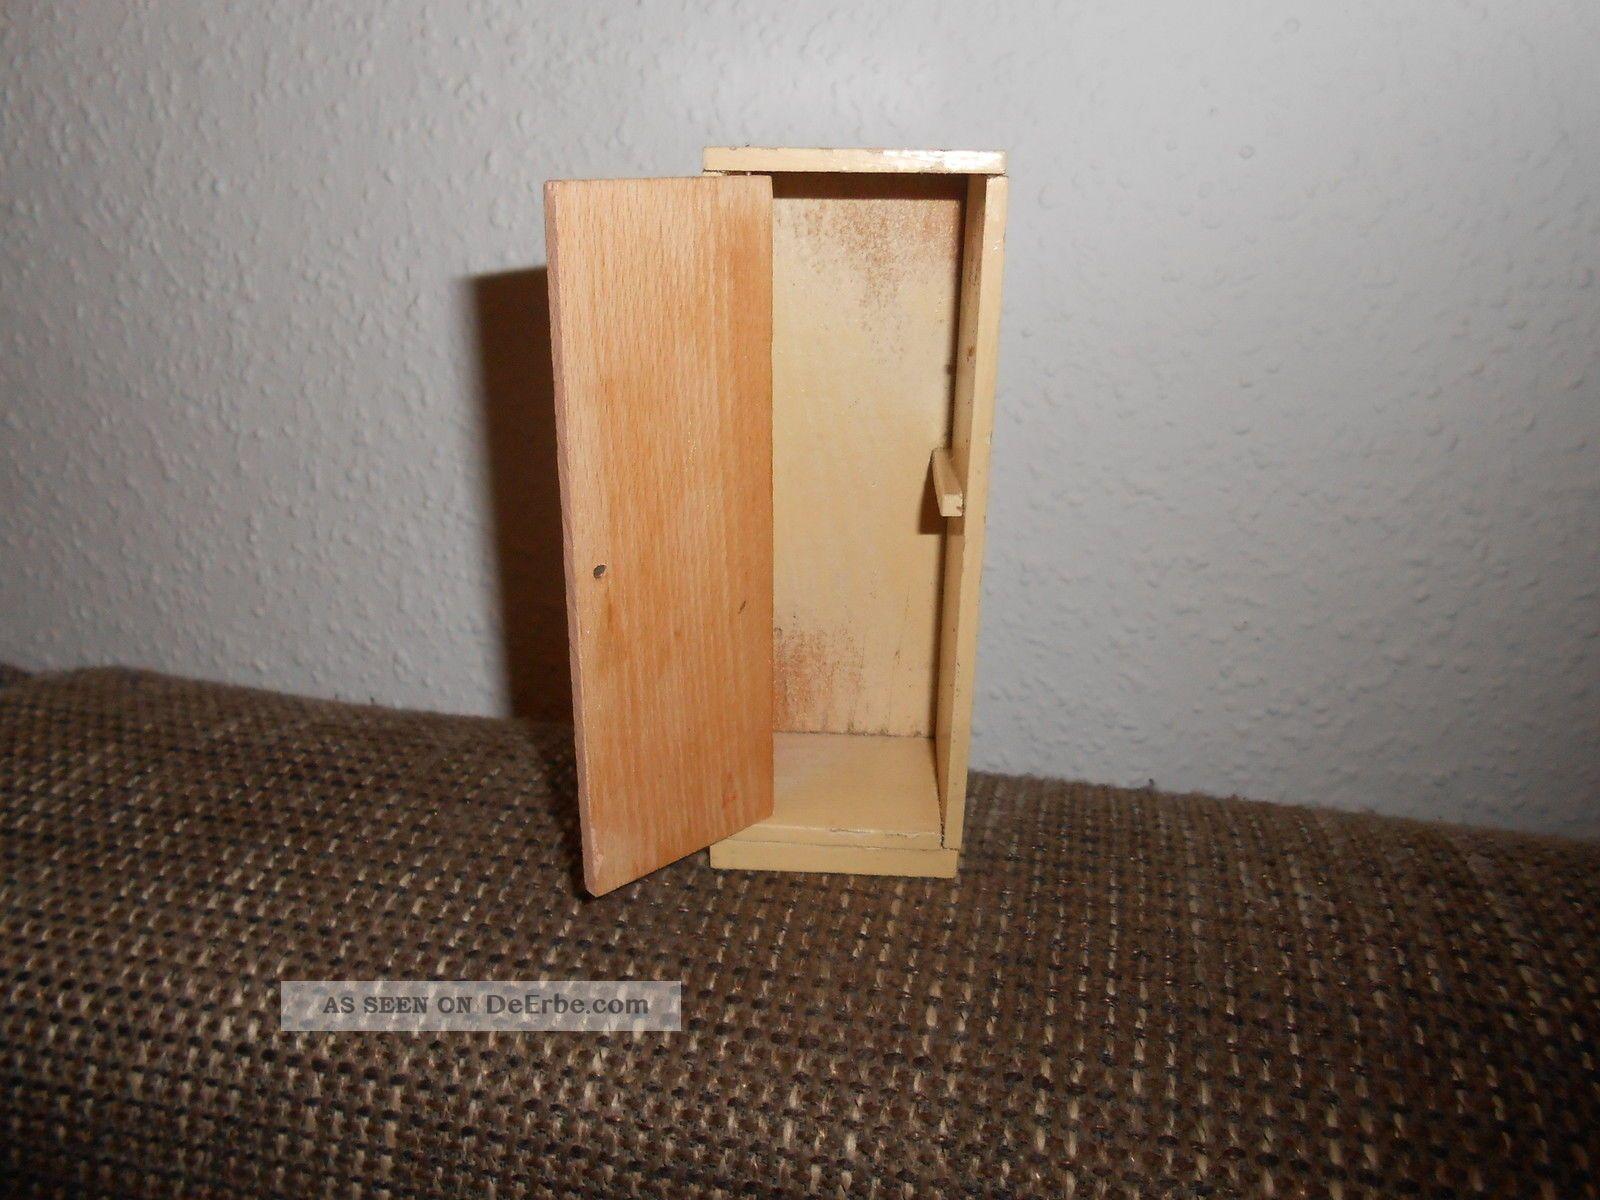 Antik Puppenstube Puppenhaus Mobel Kuche Holz Besenschrank